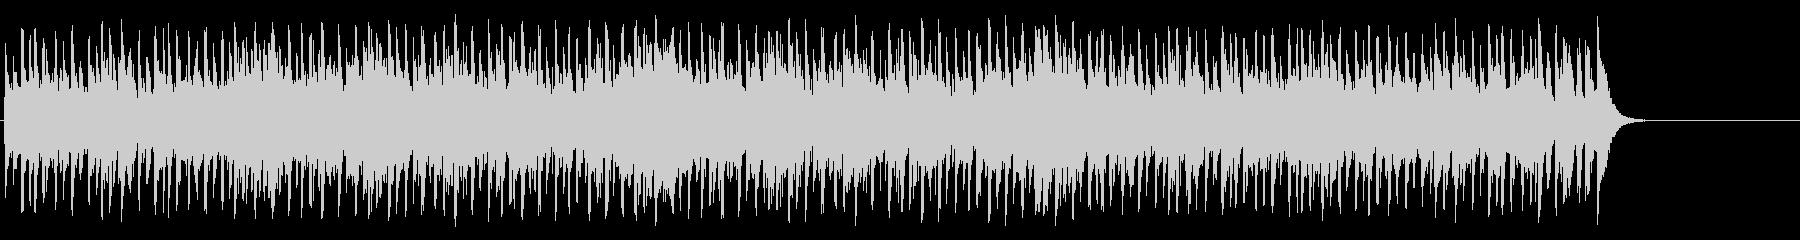 生き生きモータウンポップ(イントロ~…)の未再生の波形